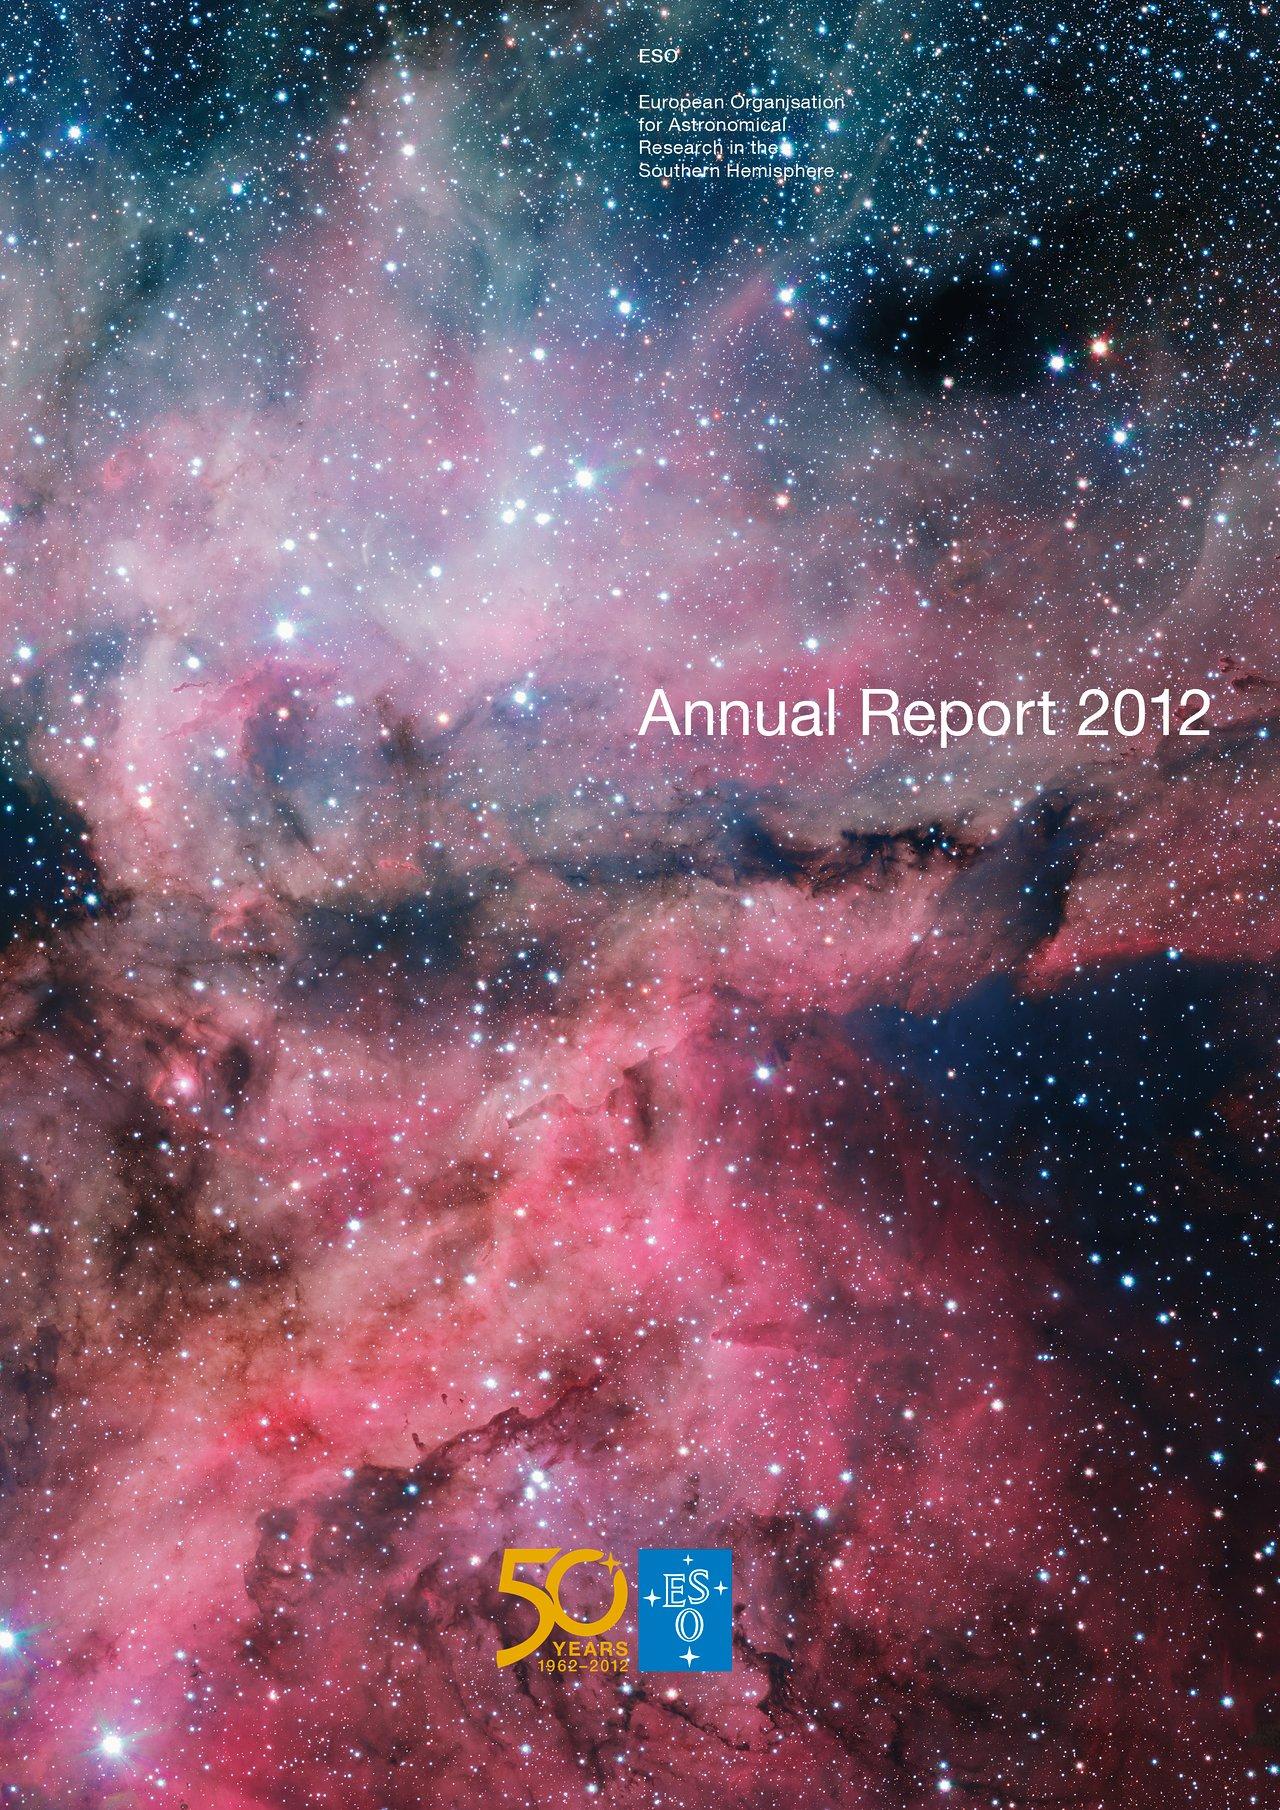 Titelseite des ESO-Jahresberichts 2012